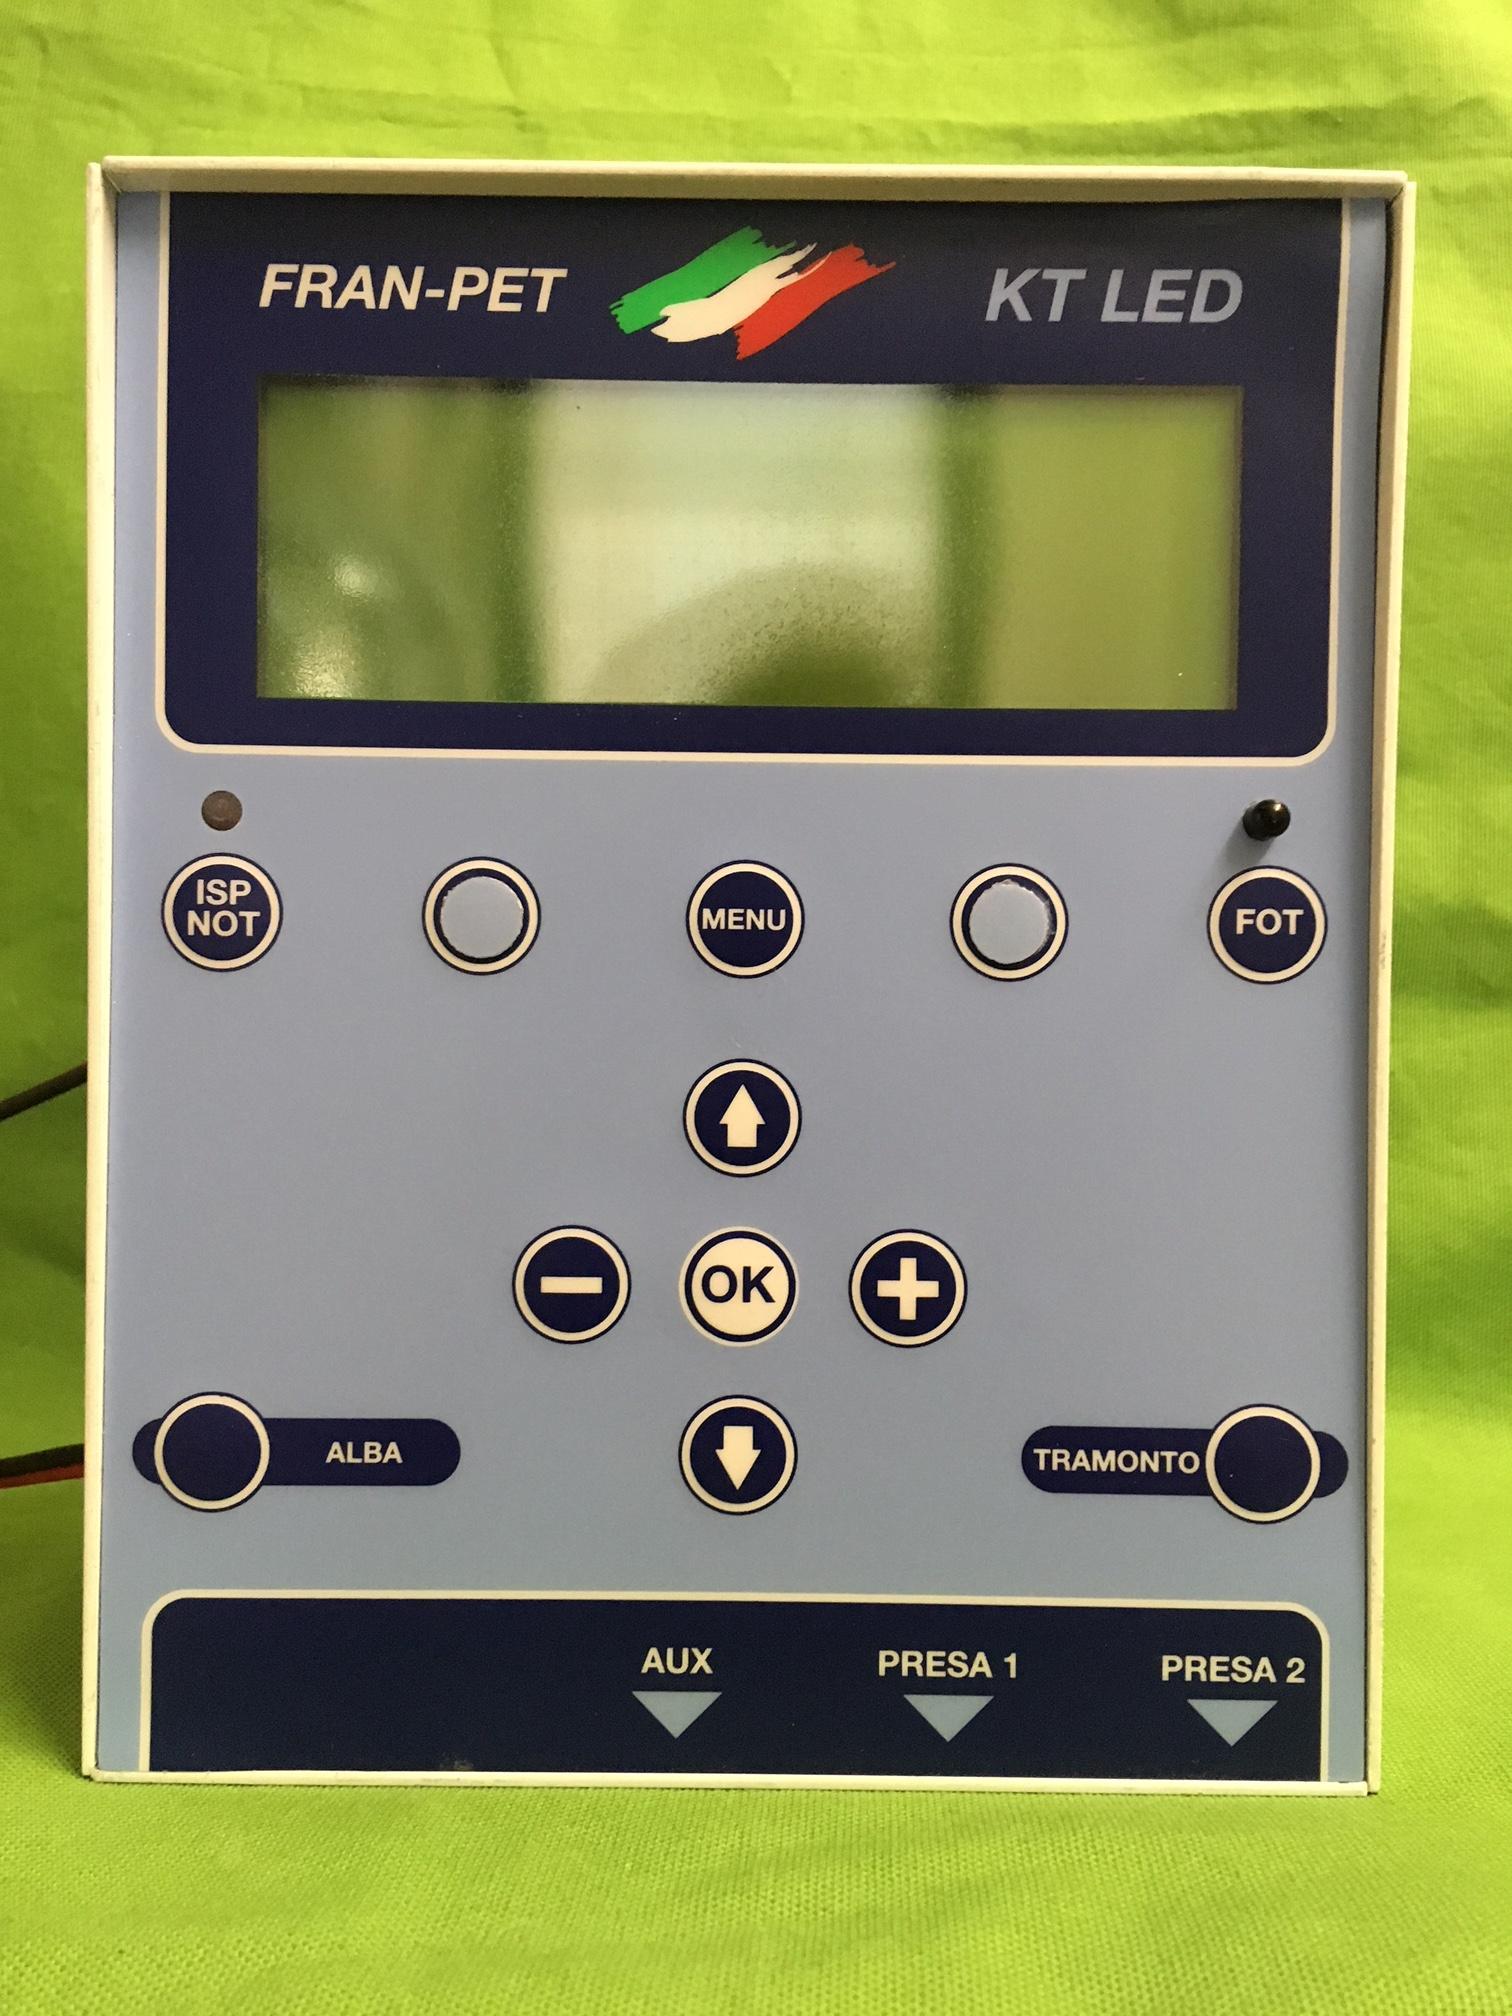 KIT LED (cliccare sulla foto per dettagli)